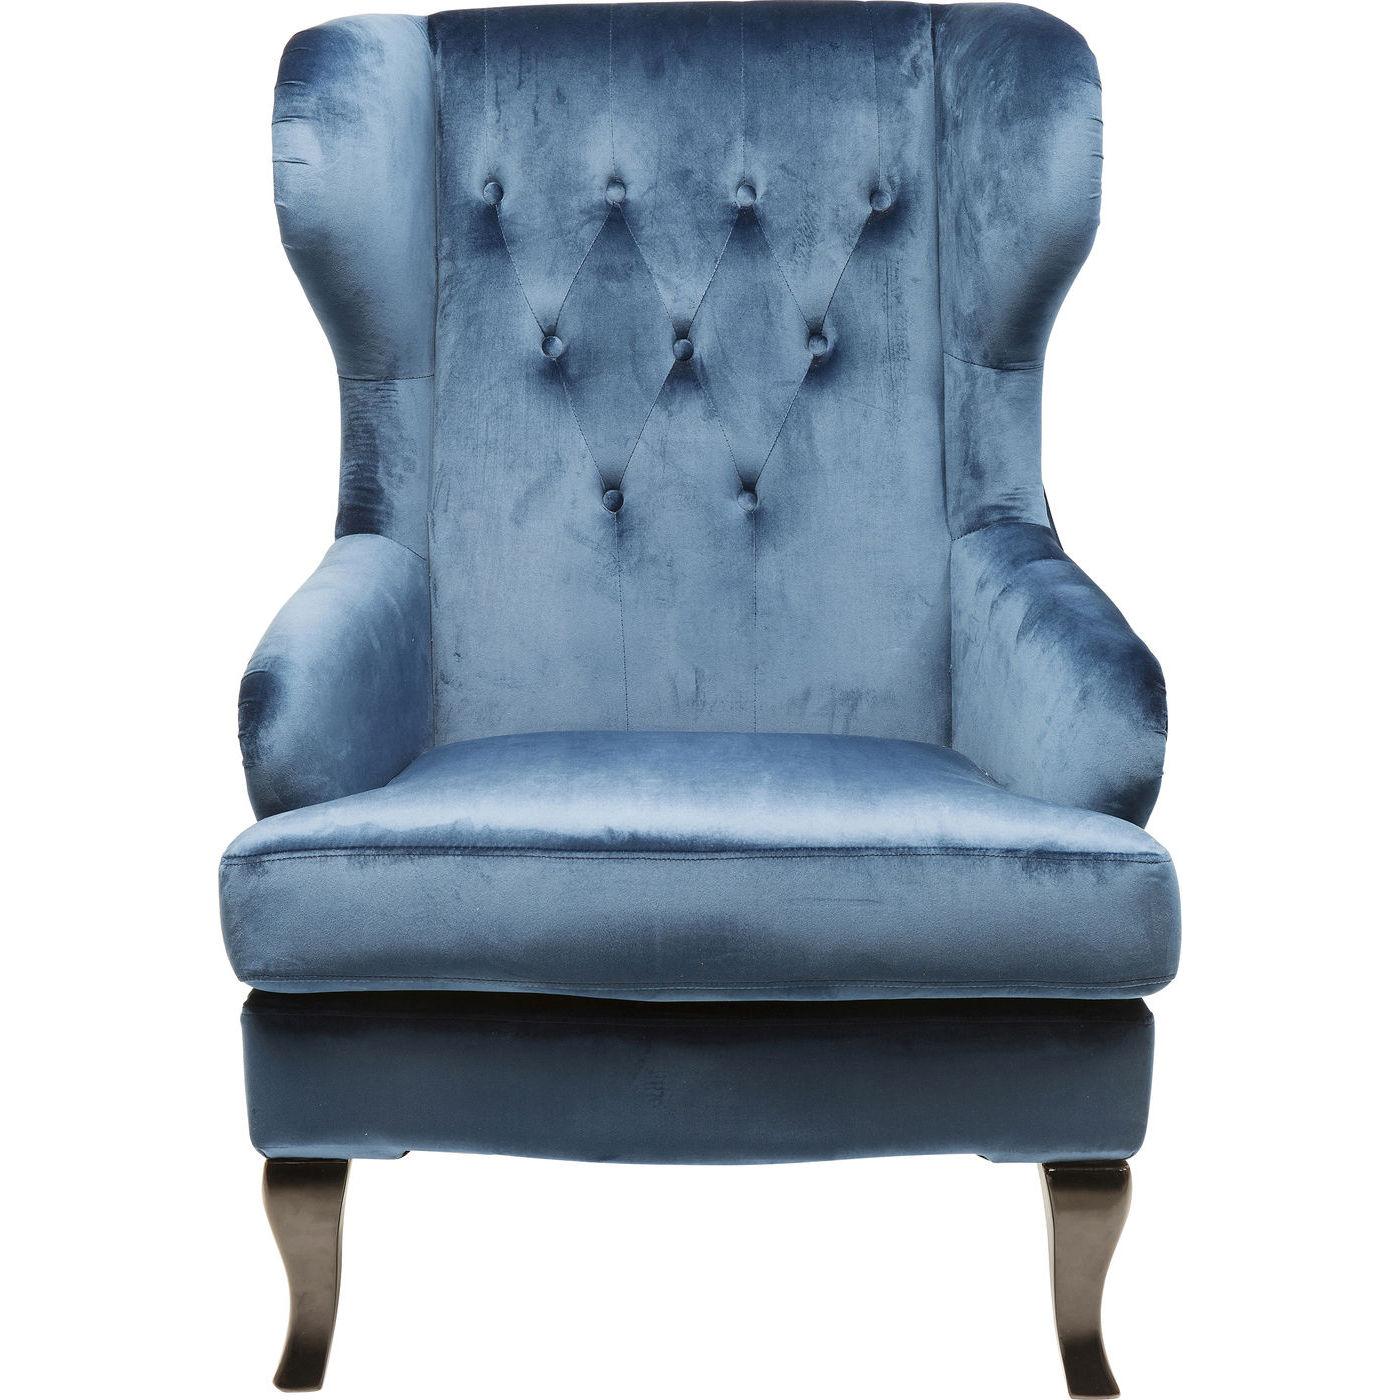 Kare design vintage blue lænestol - blåt stof/brun birk, m. armlæn fra kare design fra boboonline.dk